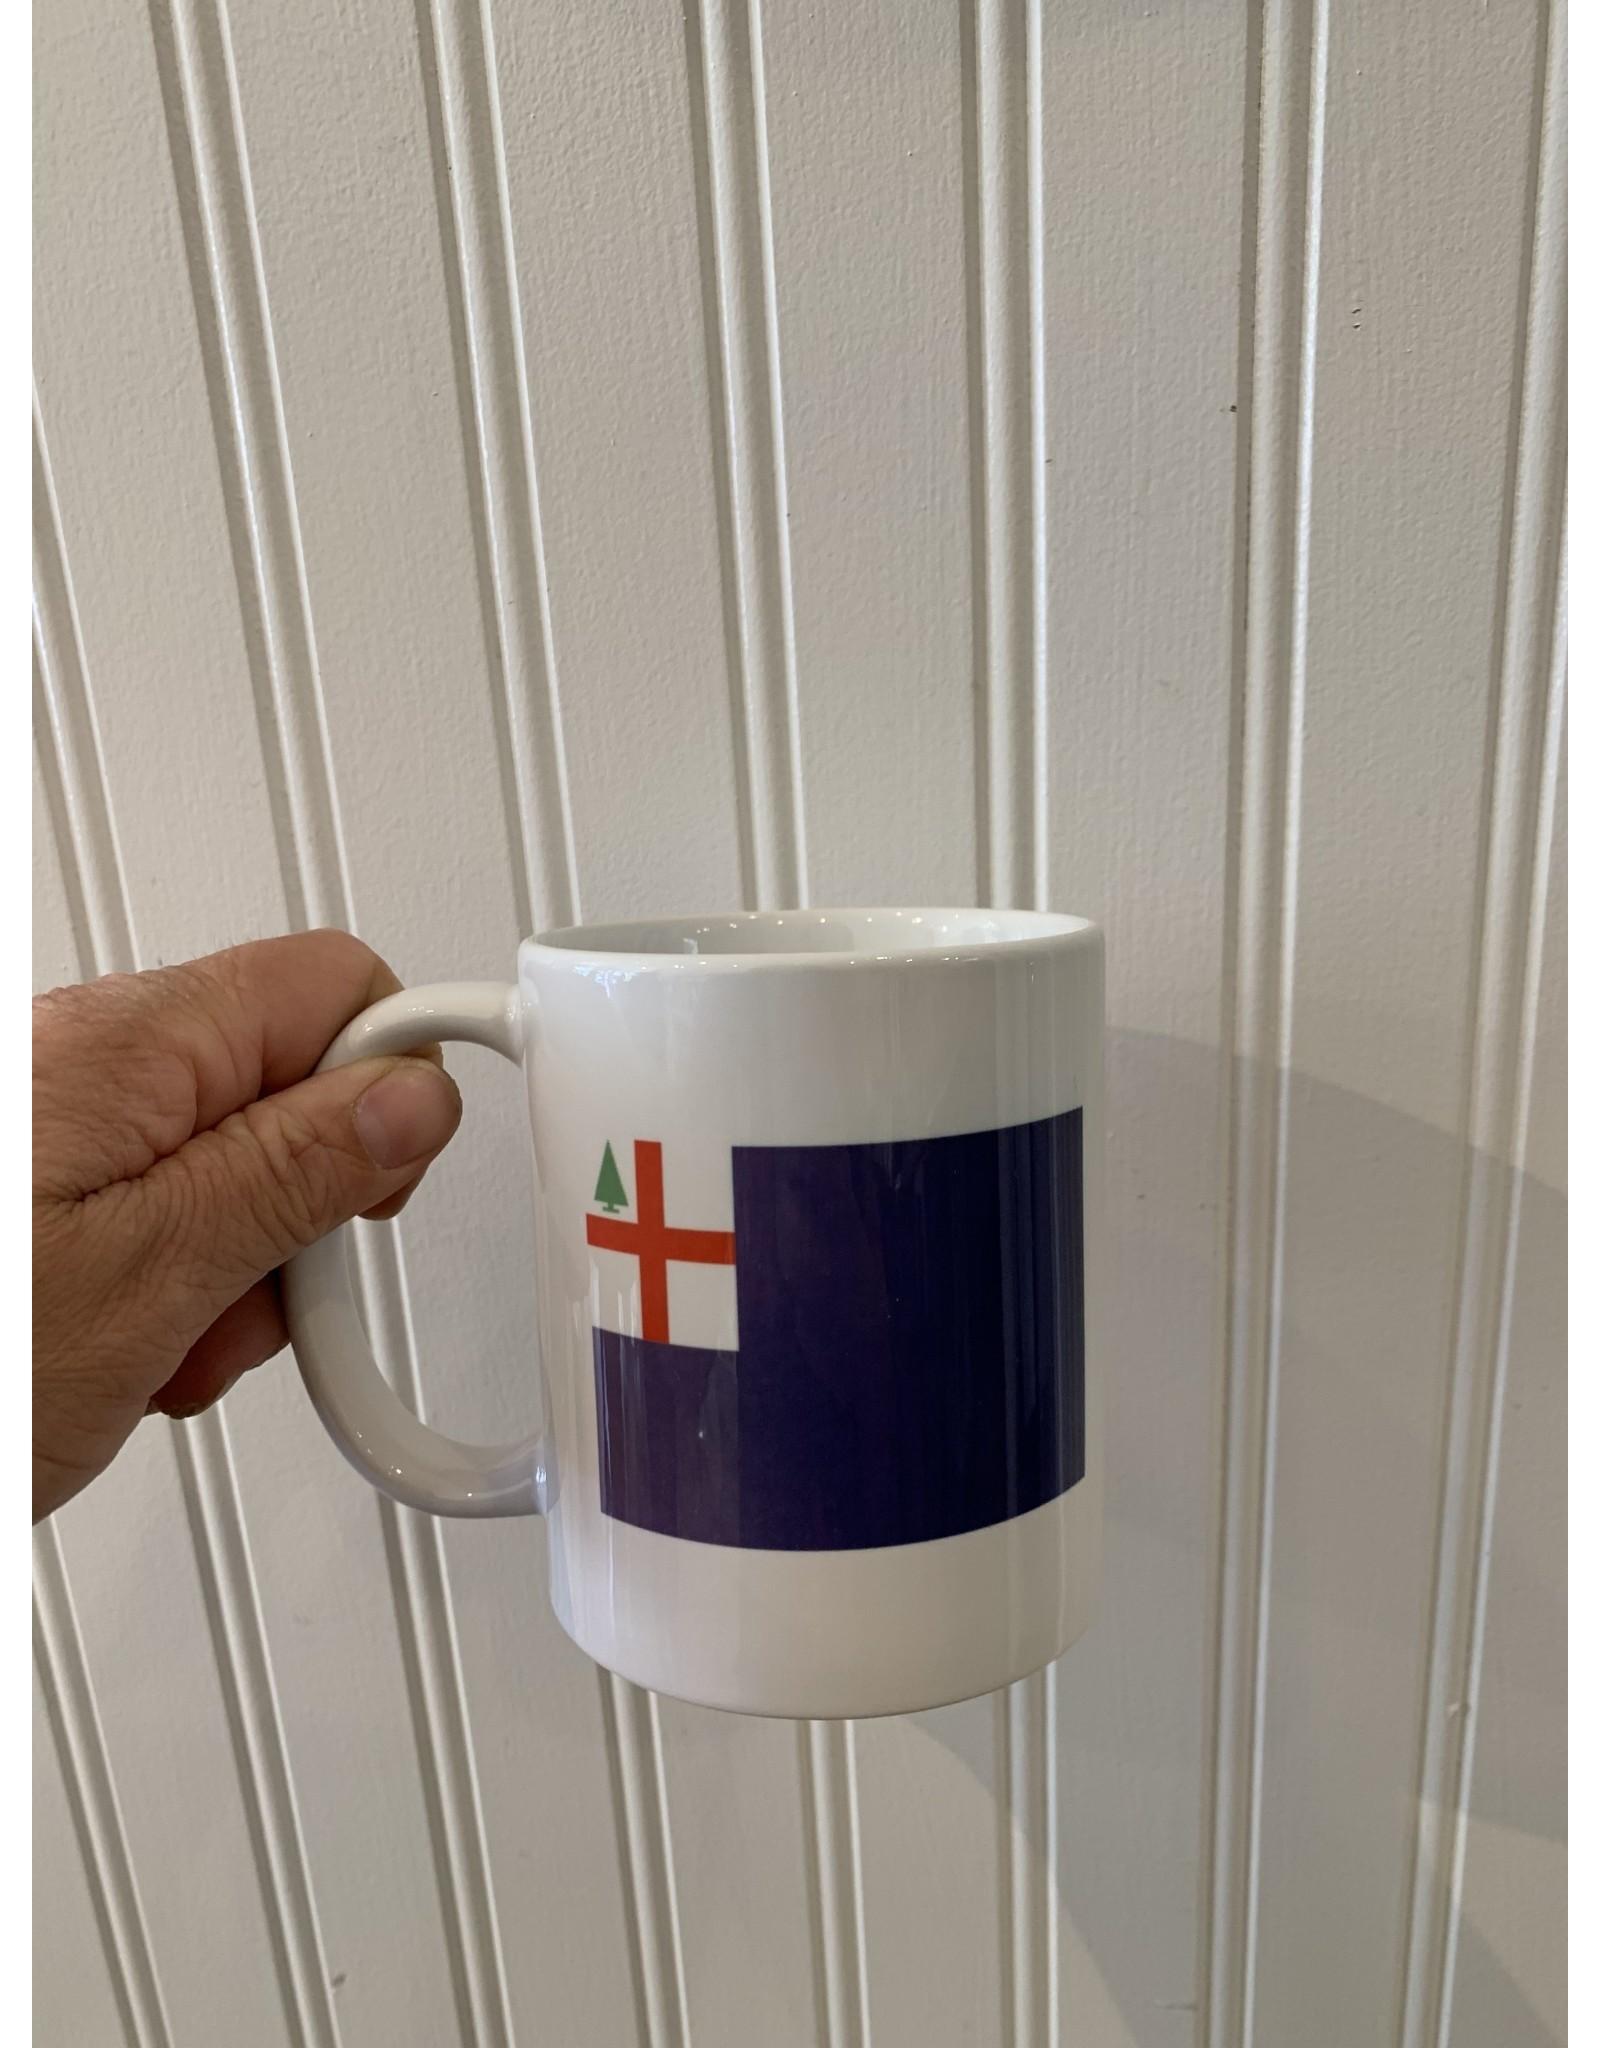 02129 & Bunker Hill Flag Mug